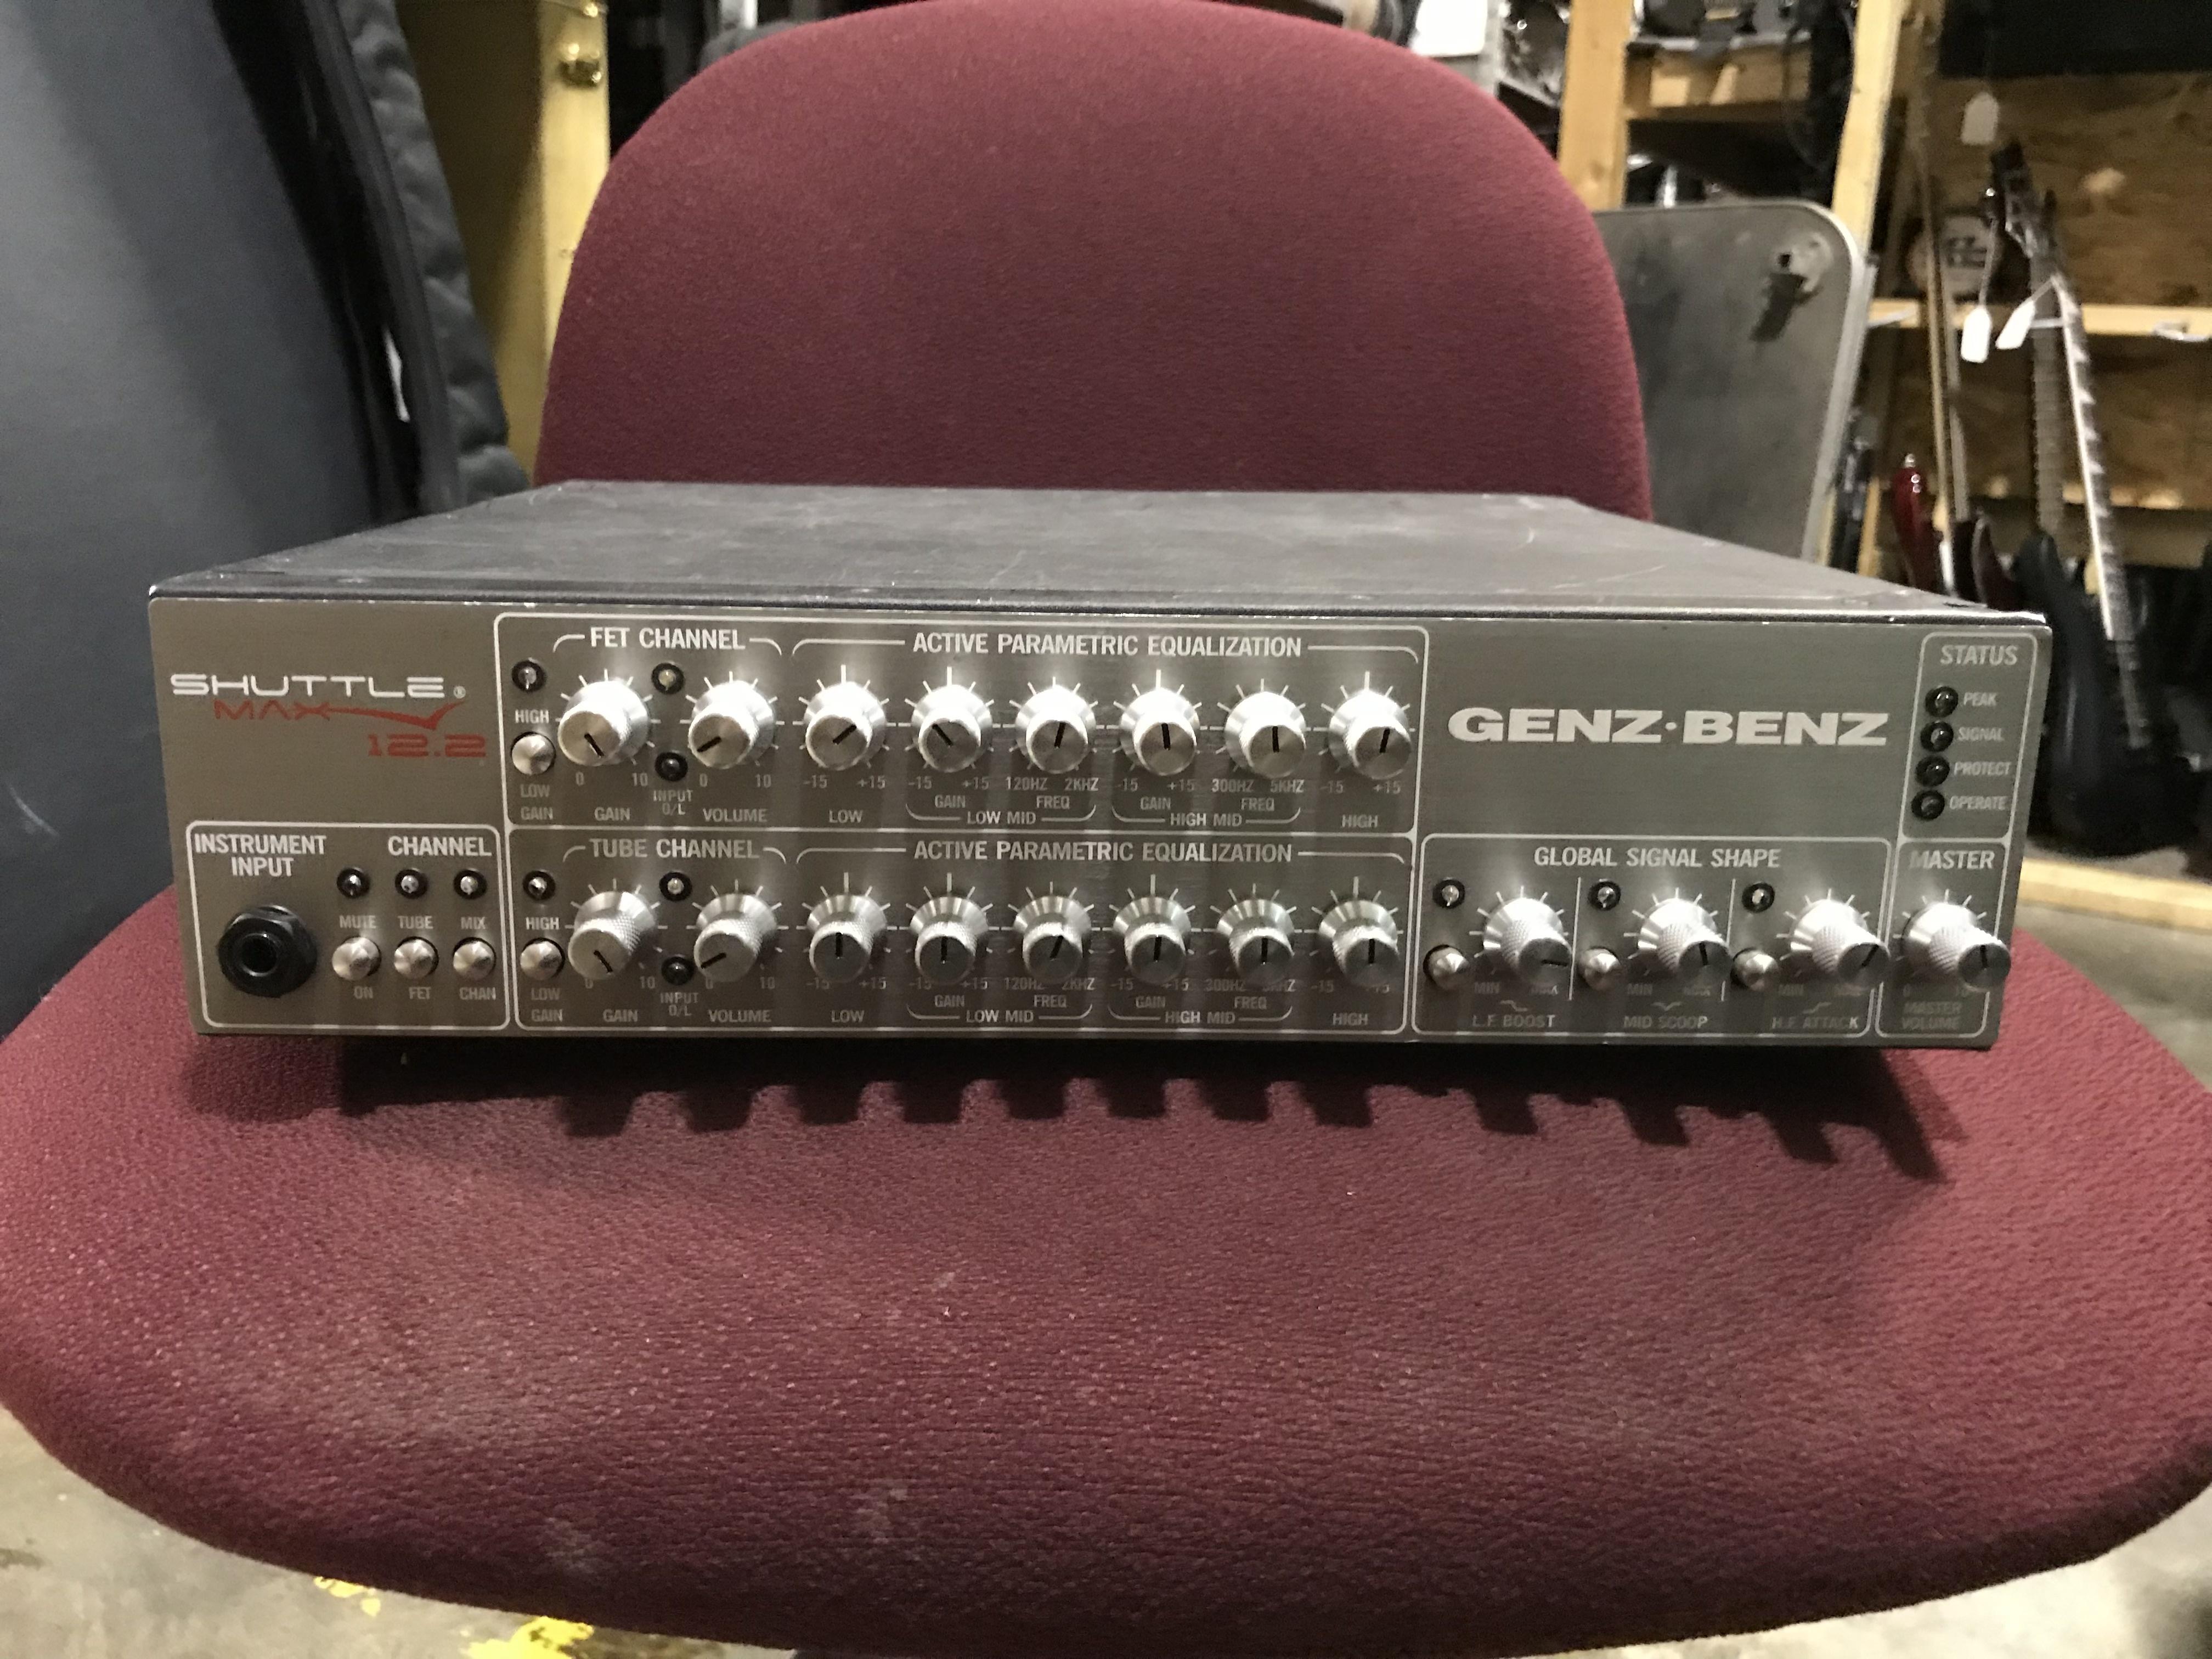 GENZ BENZ SHUTTLEMAX 12.2 1200W Hybrid Tube/FET Bass Amplifier Head